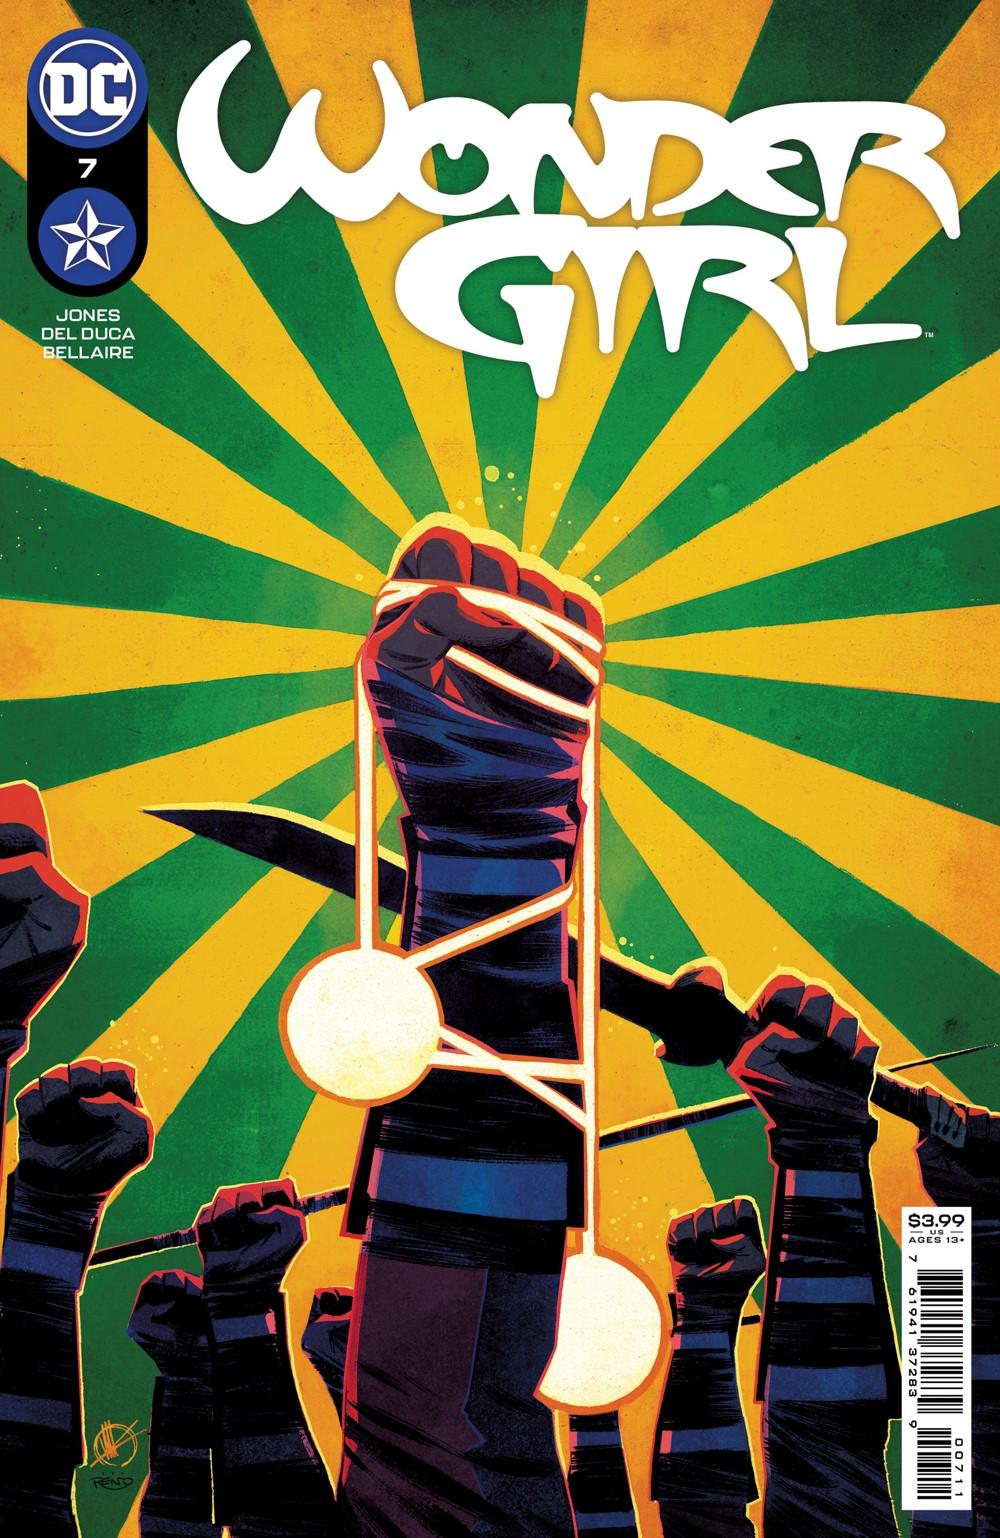 WG_Cv7 DC Comics November 2021 Solicitations